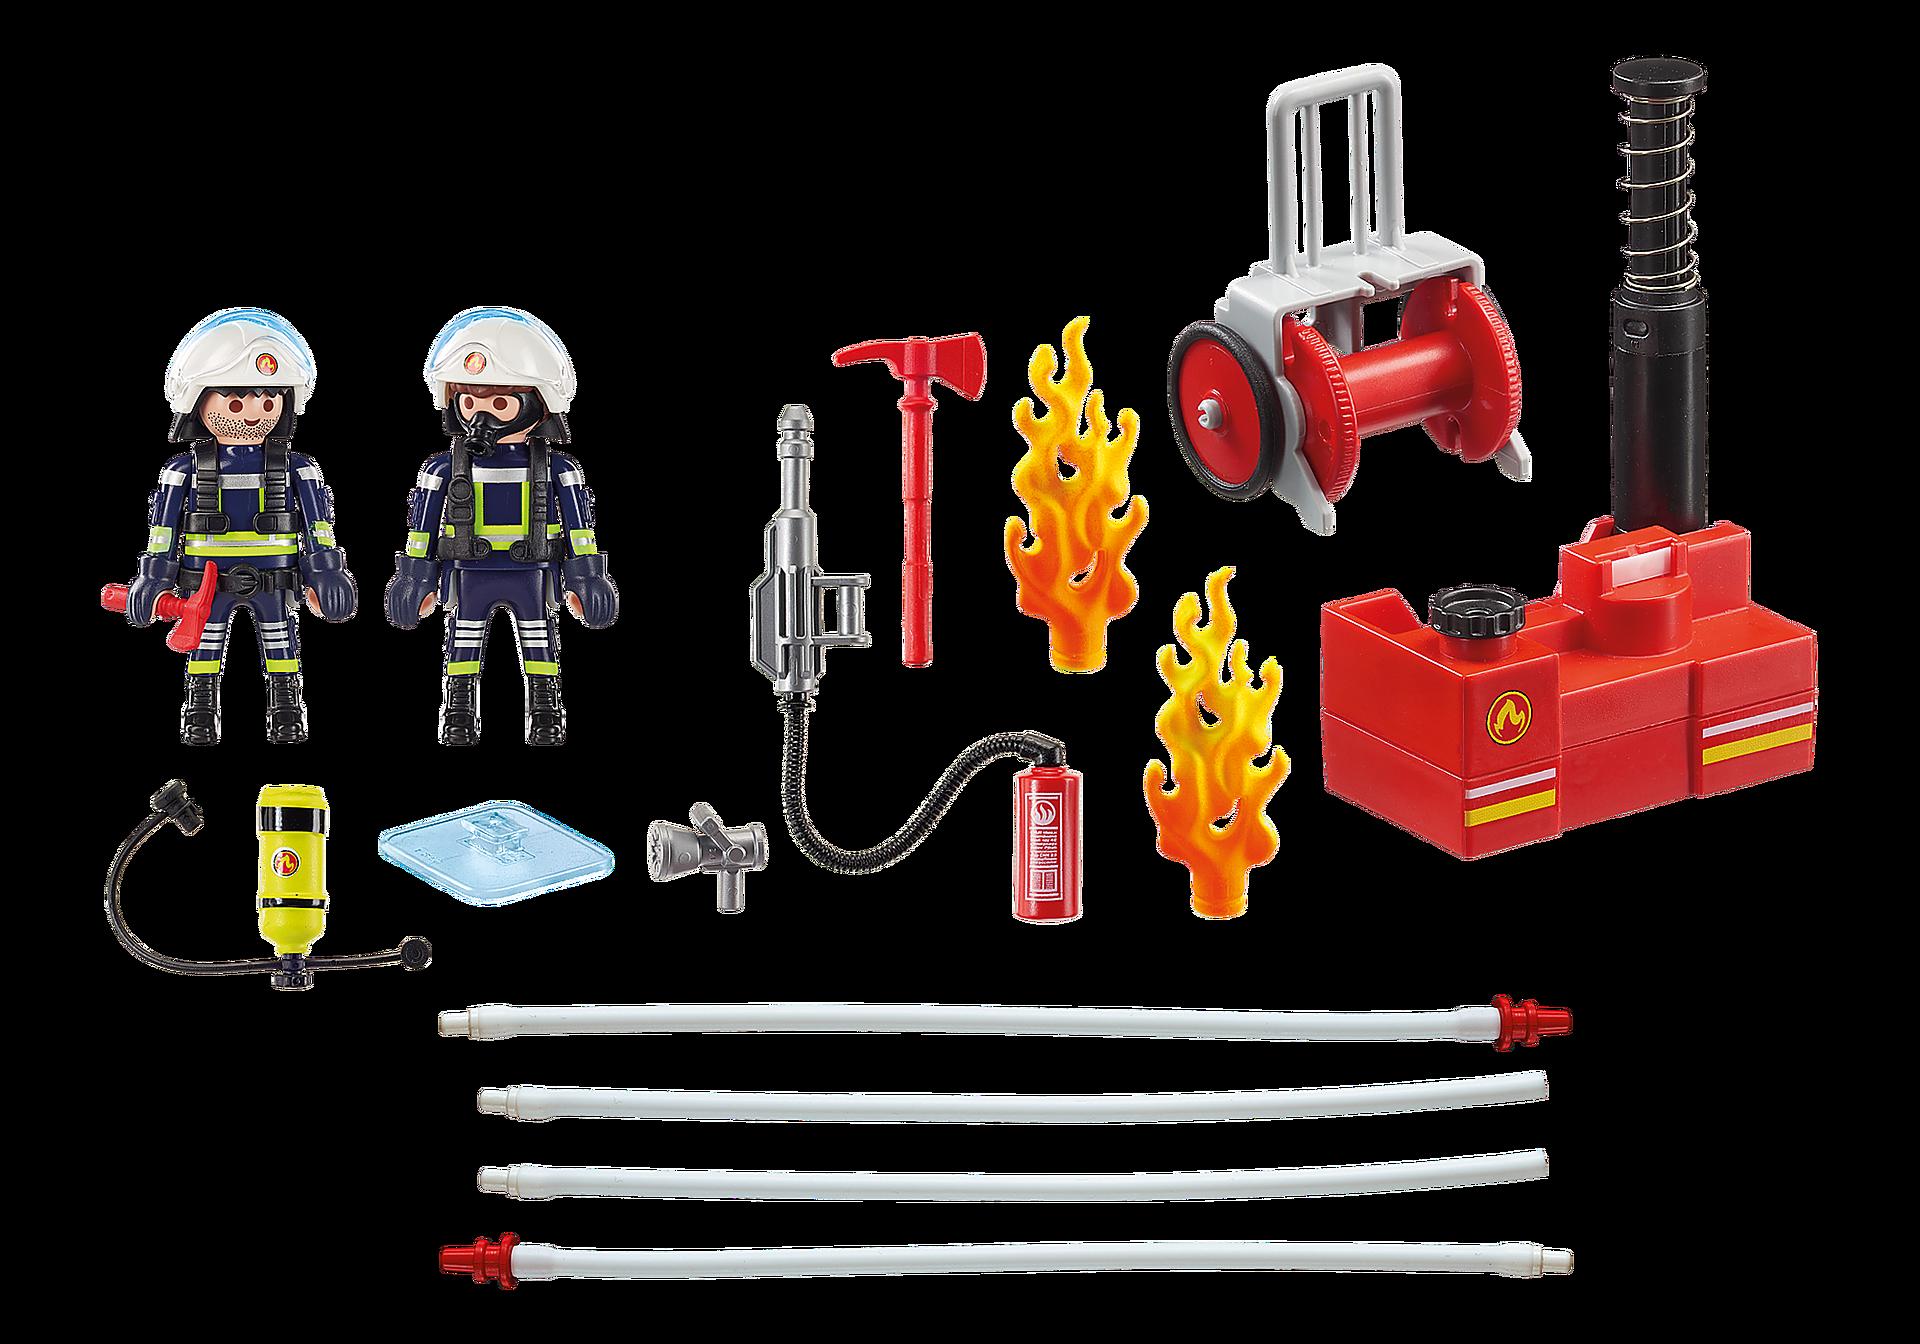 9468 Feuerwehrmänner mit Löschpumpe zoom image4